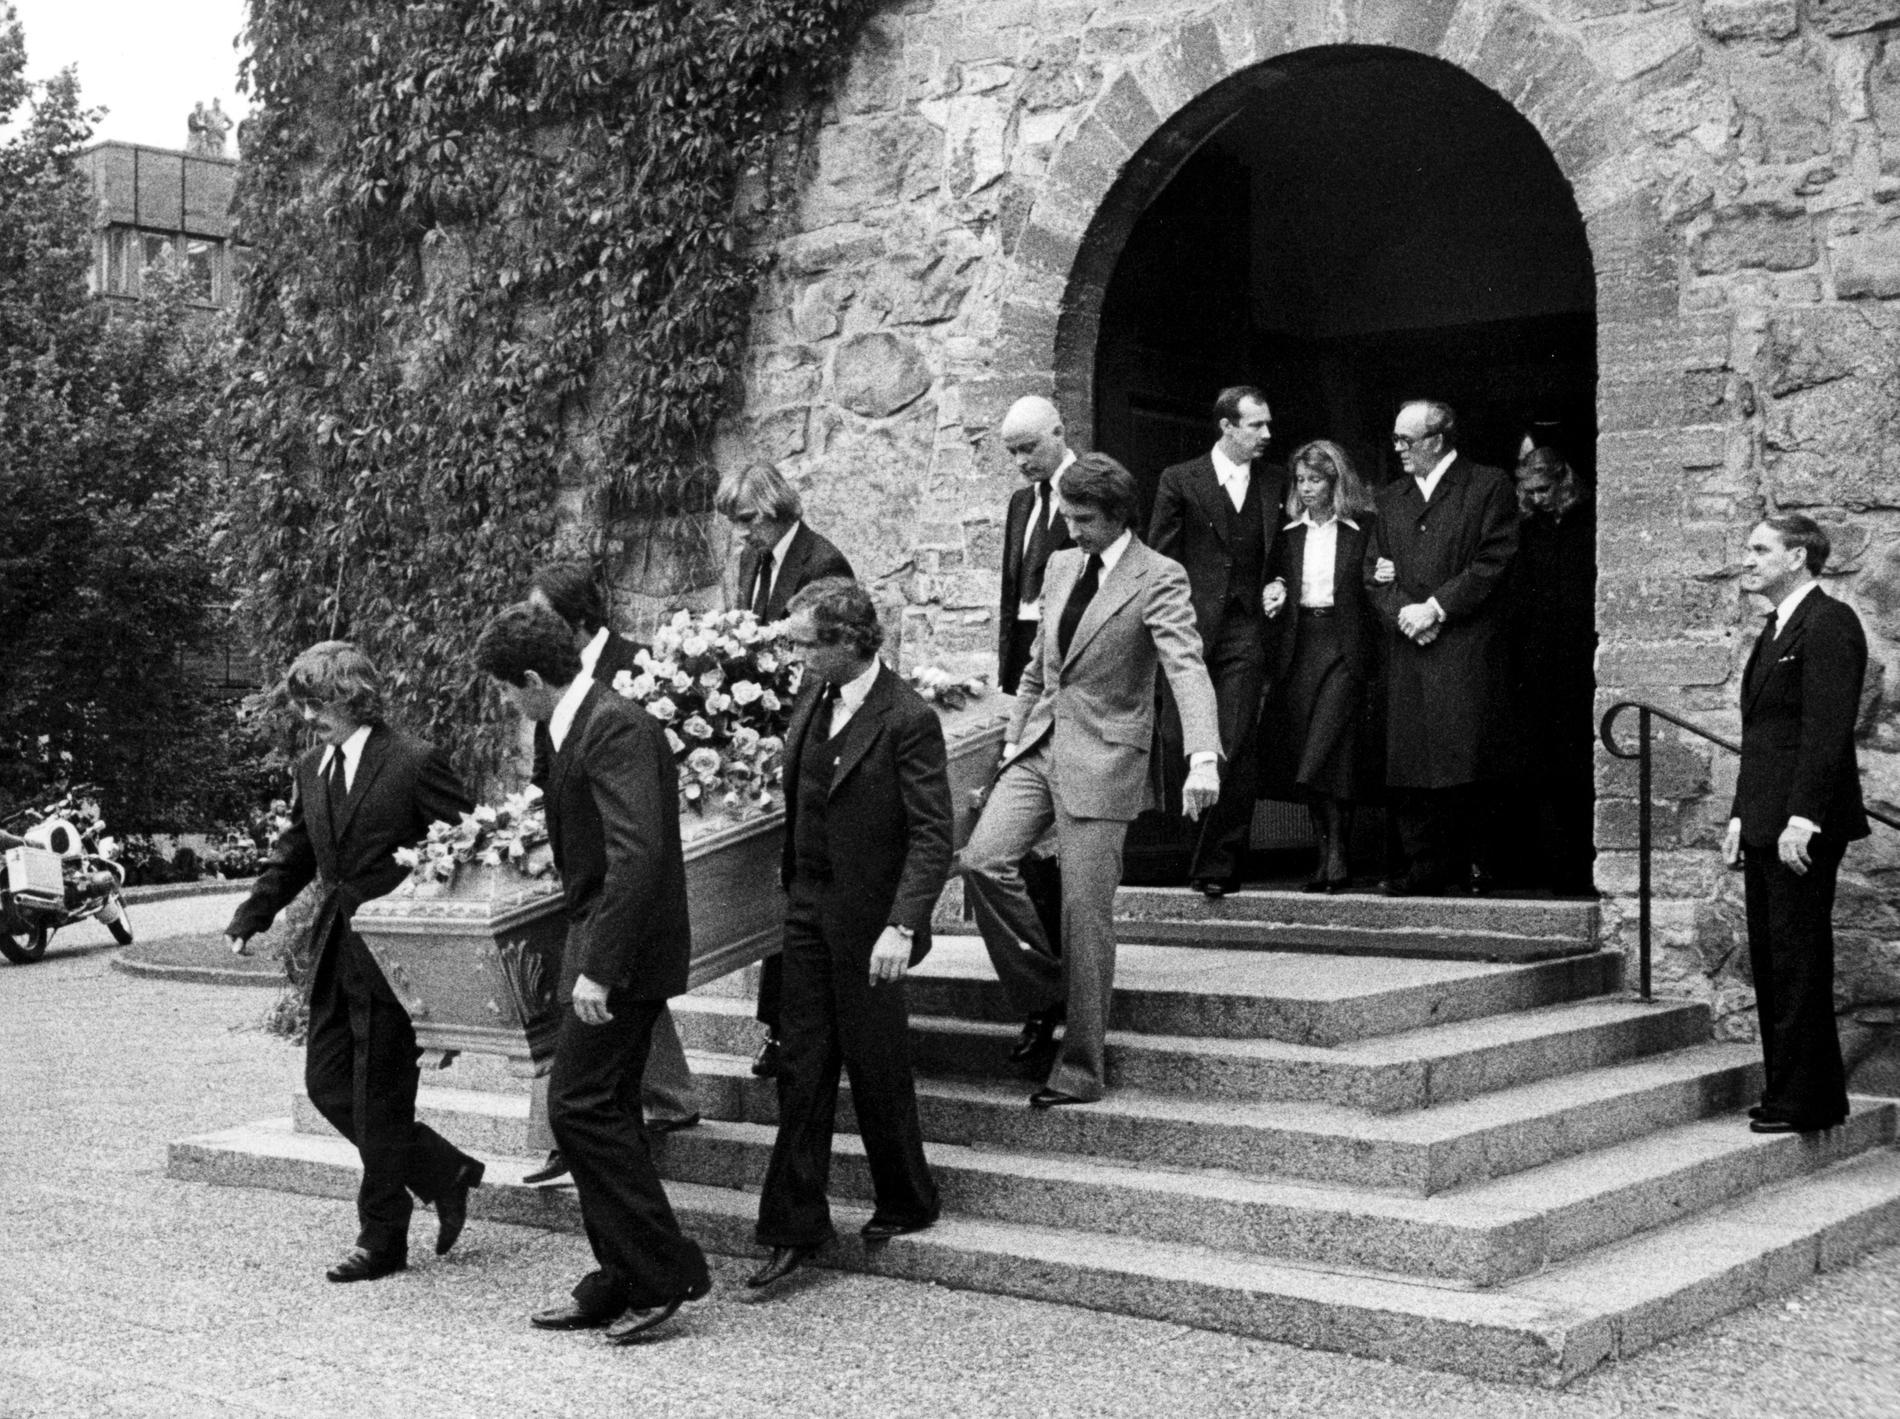 Ronnie Petersons begravningsgudstjänst hölls i Nicolaikyrkan i Örebro, 1978. Kistan bars ut av Åke Stranberg, Emmerson Fittipaldi, Jody Scheckter, James Hunt, Niki Lauda och John Watson. Arkivbild.